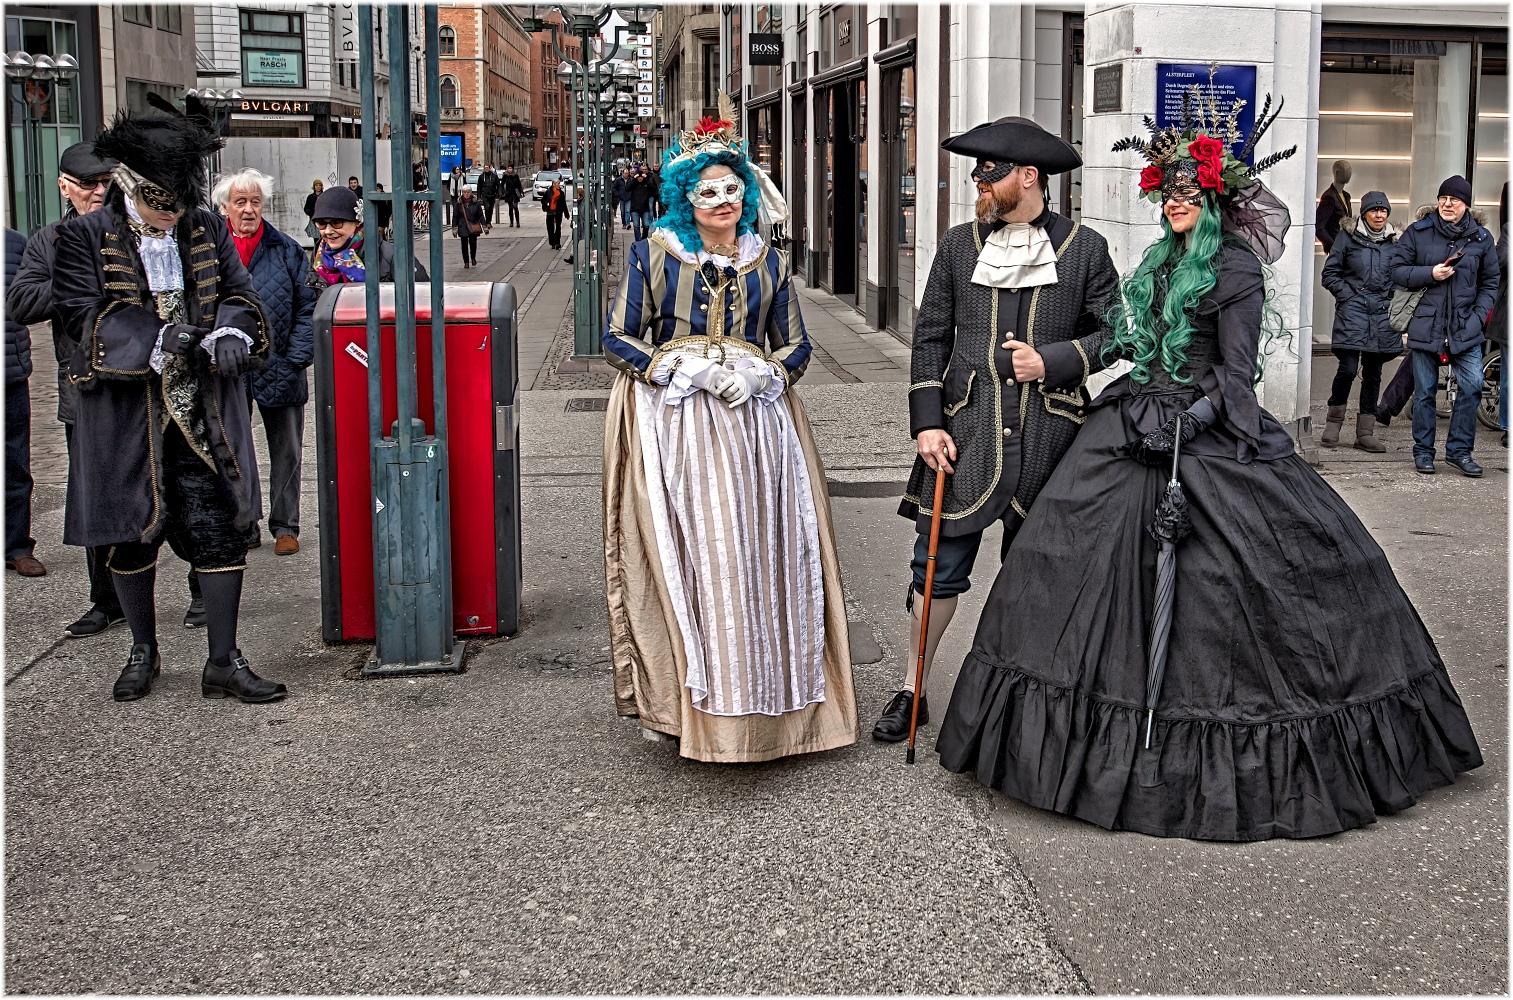 Karneval in ... Hamburg